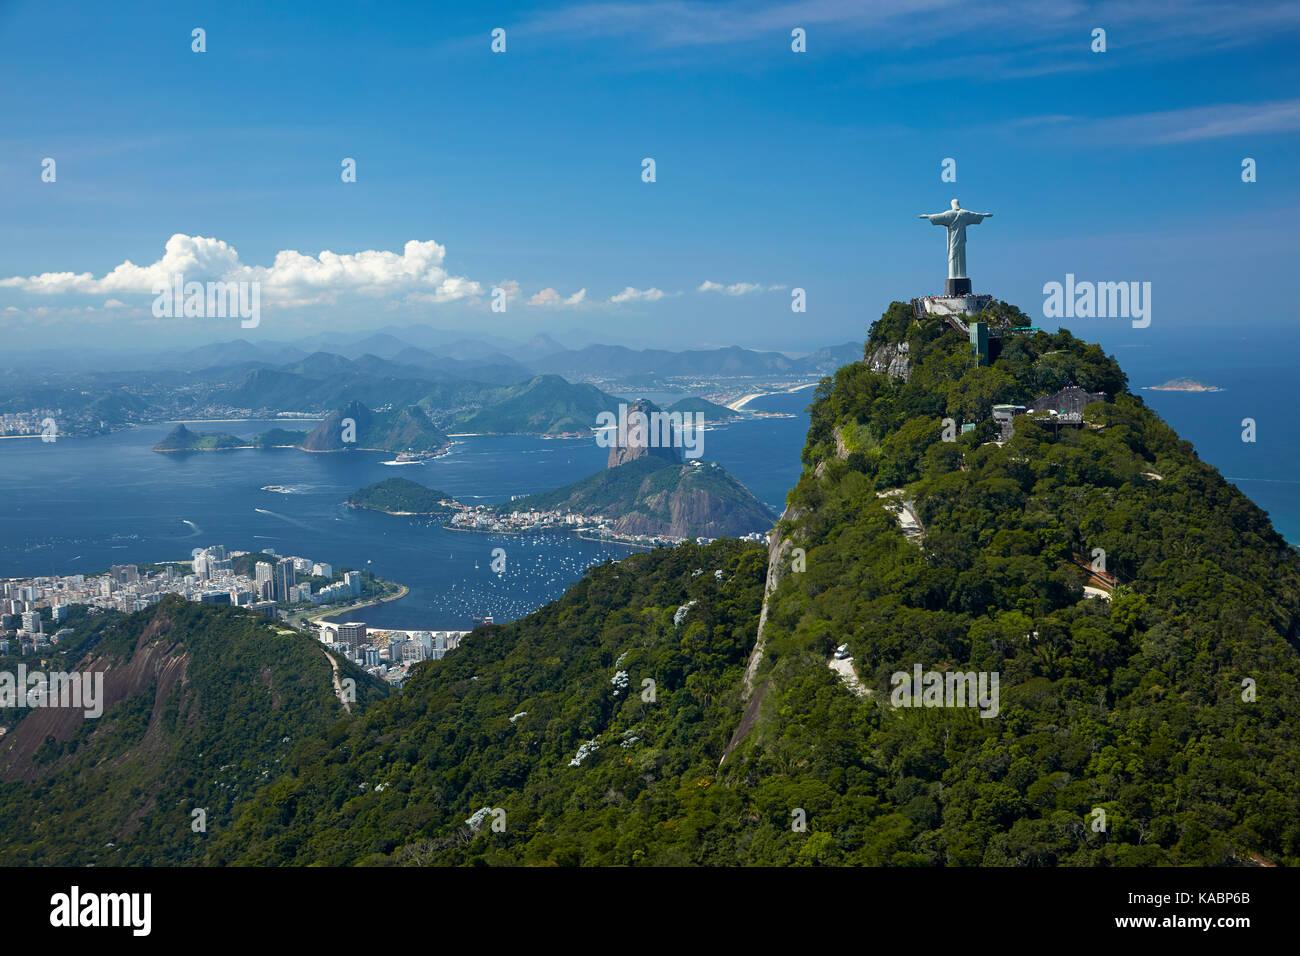 Statue du Christ Rédempteur au sommet, Corcovado et pain de sucre, Rio de Janeiro, Brésil, Amérique Photo Stock